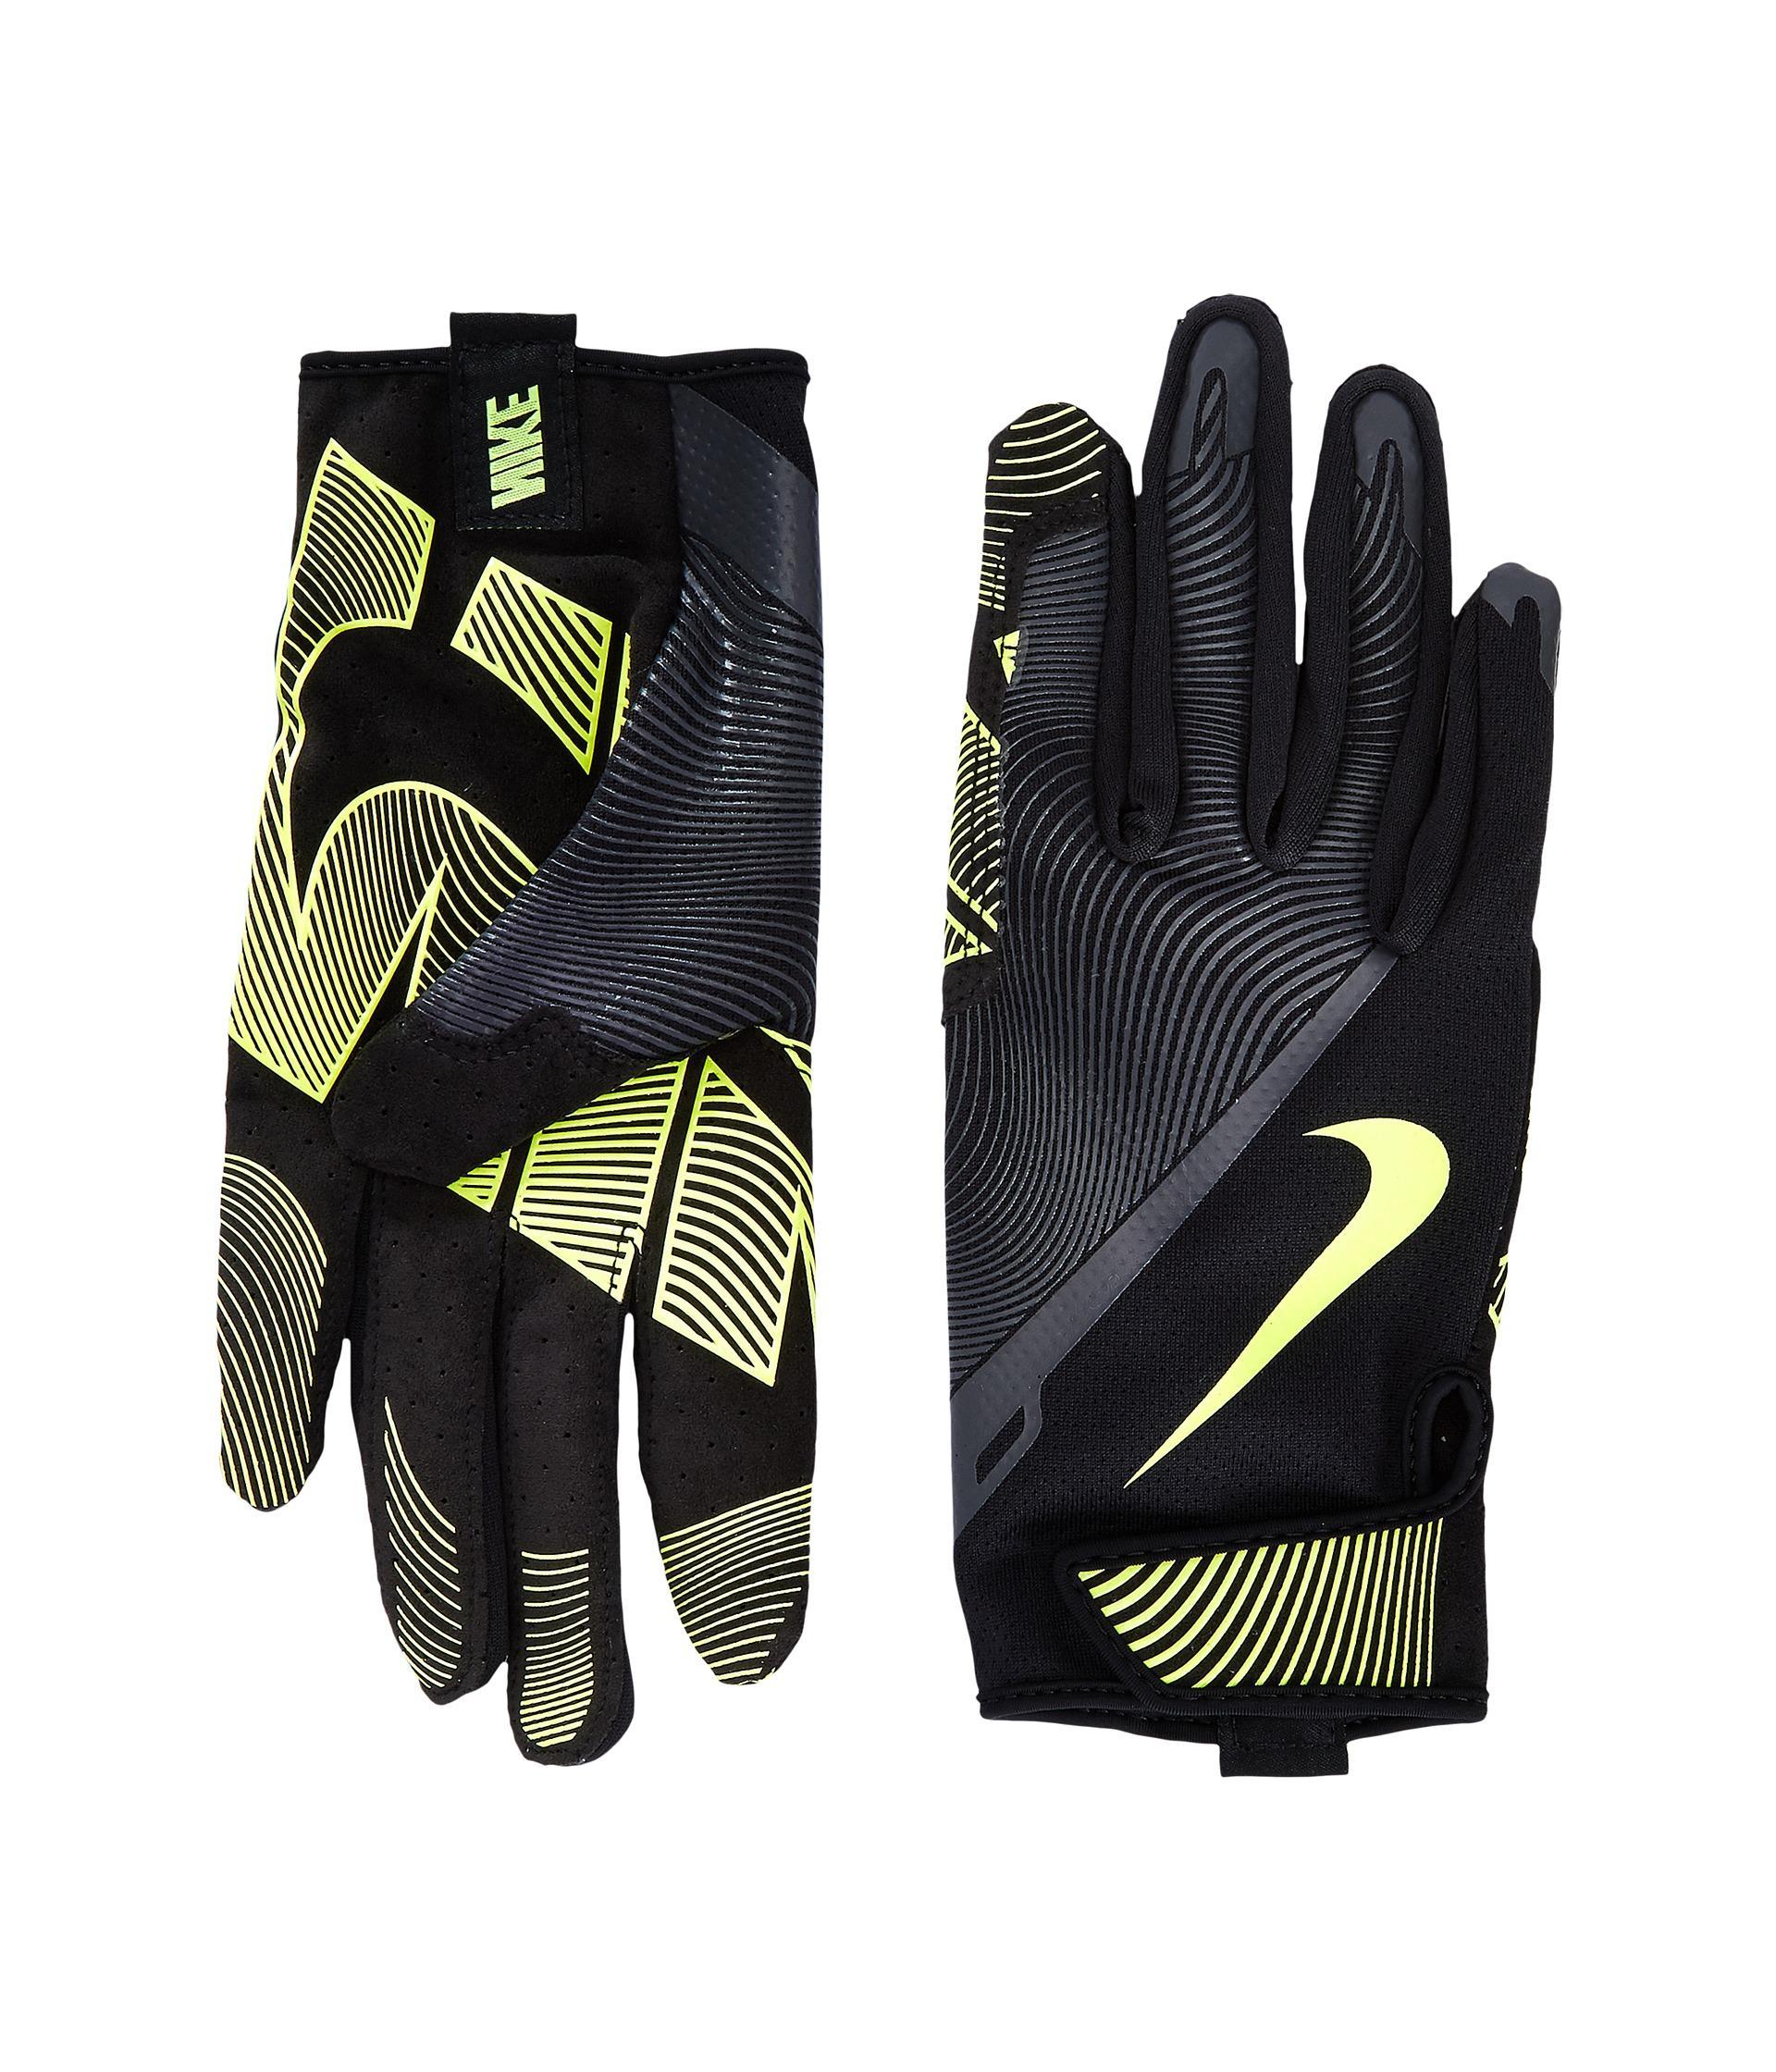 Mens nike leather gloves - Nike Men S Black Lunatic Training Gloves